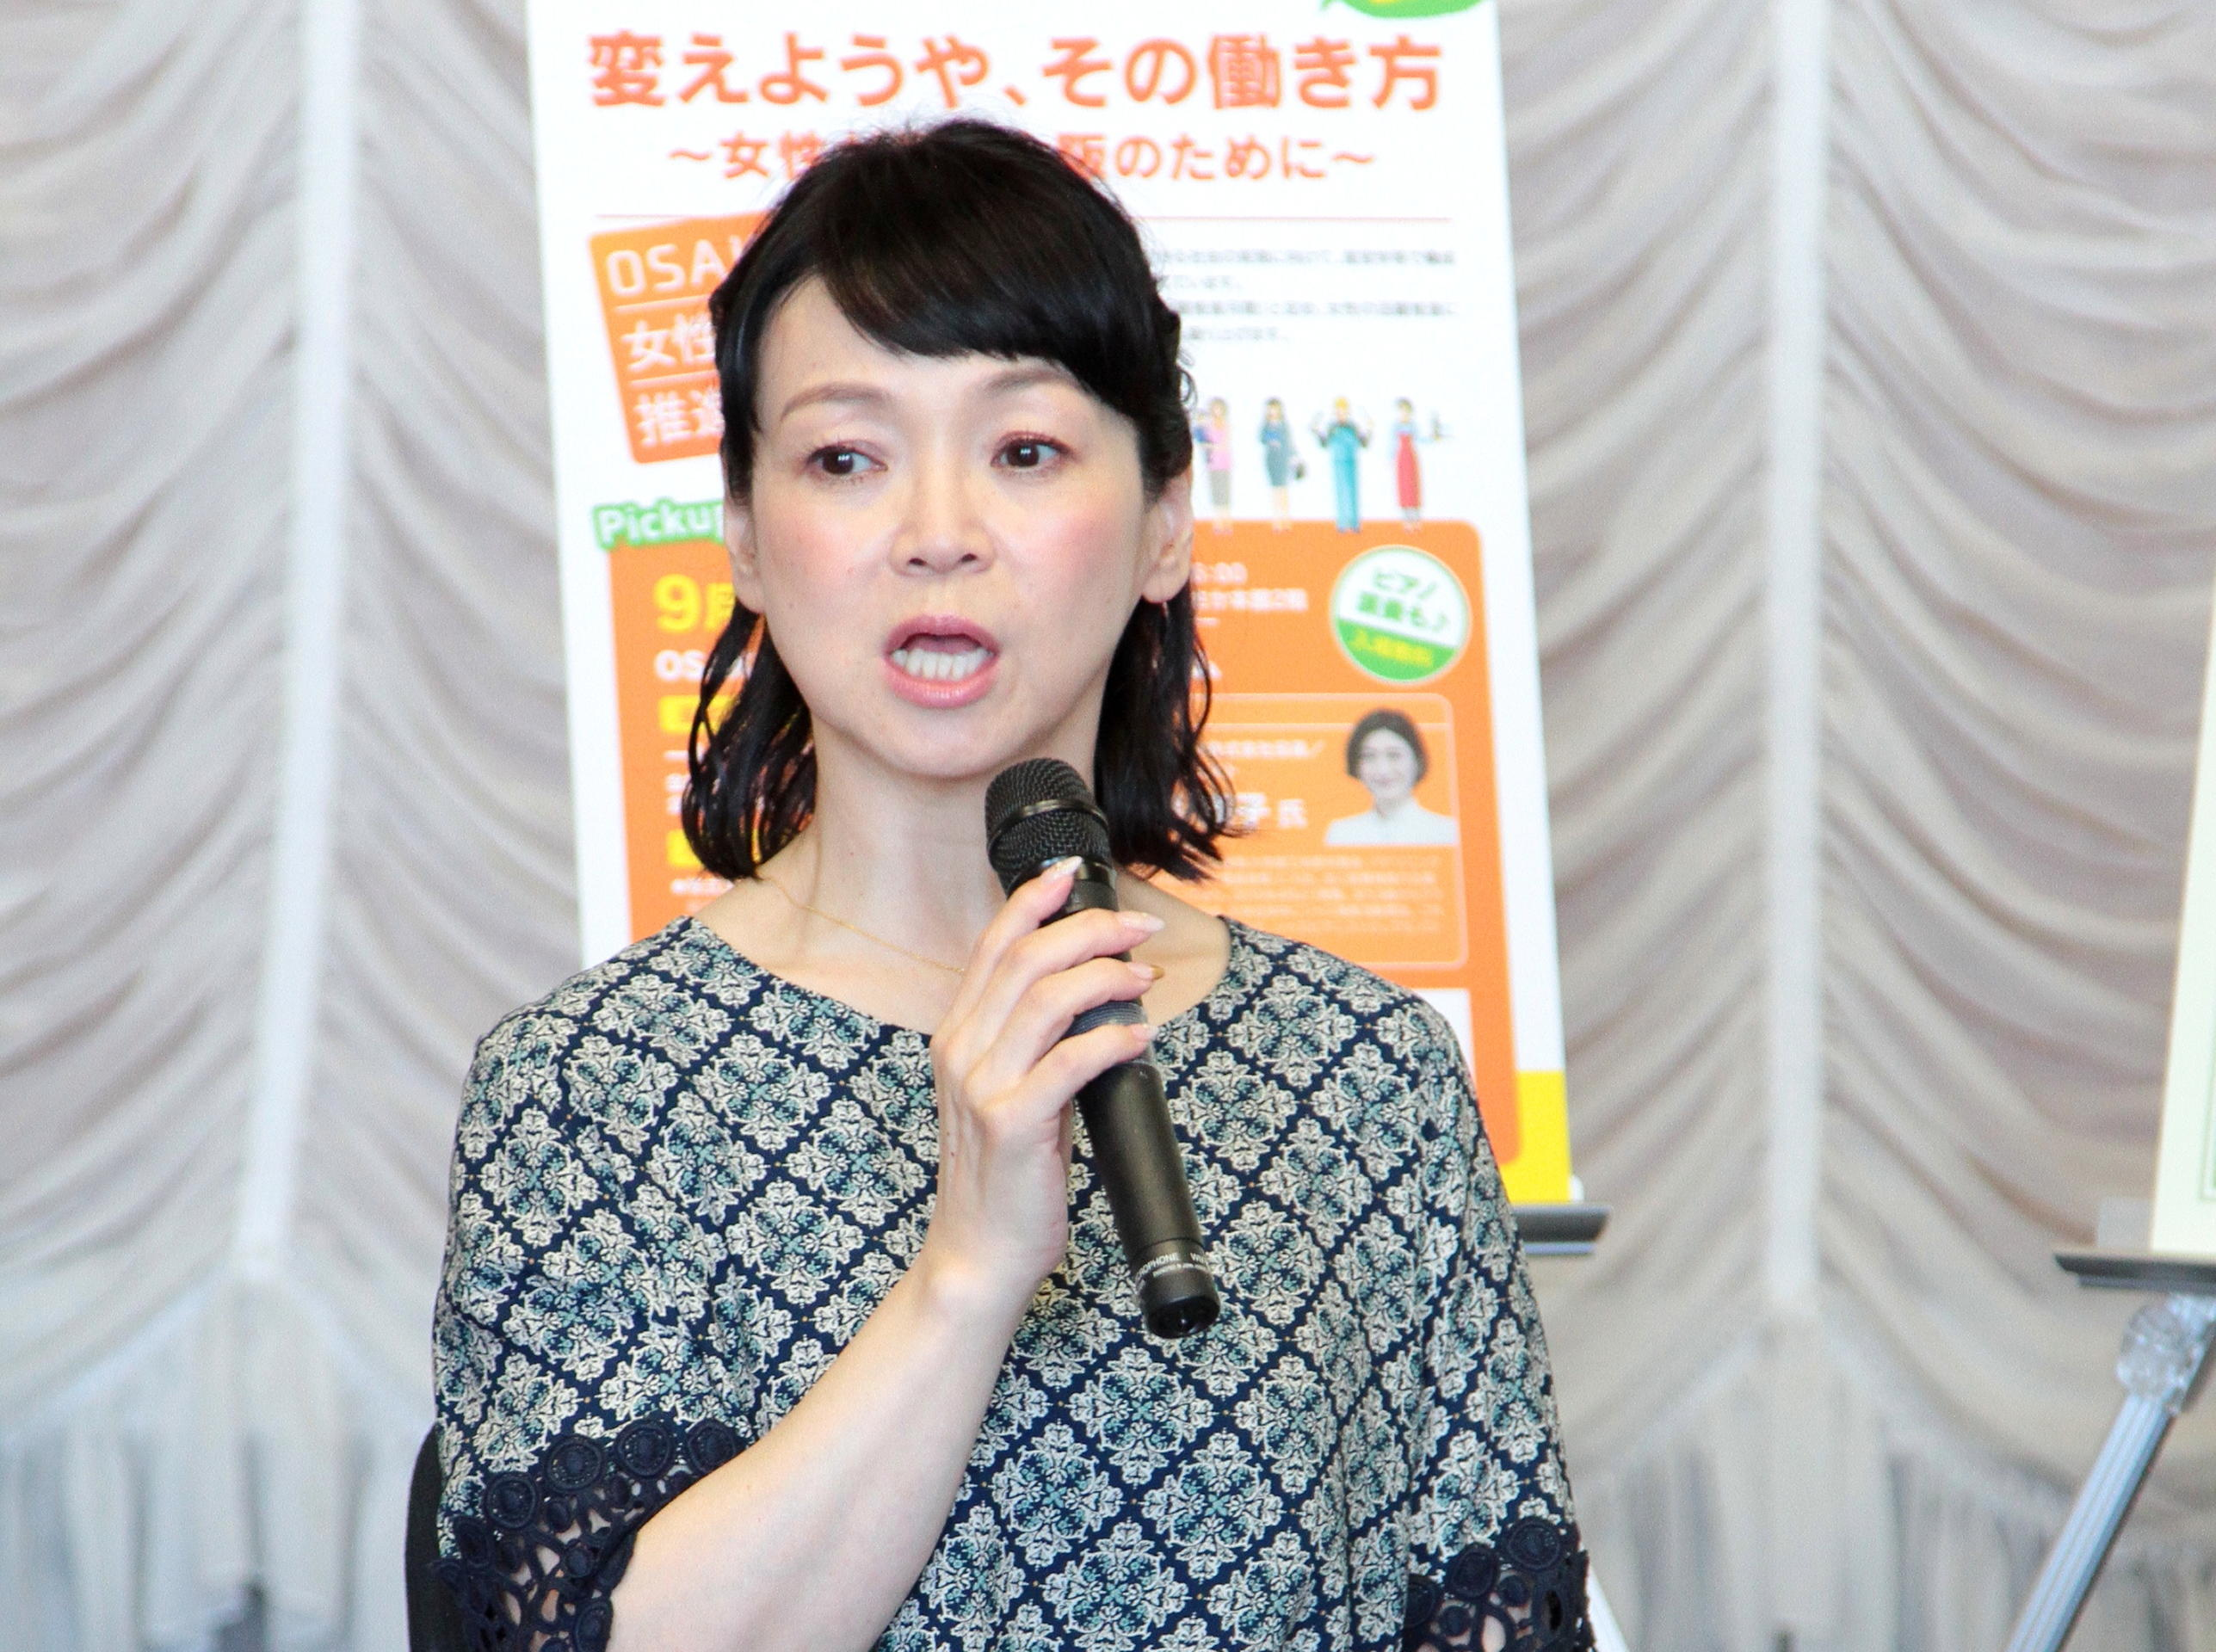 http://news.yoshimoto.co.jp/20160831184554-d6099fd4c58cf2d8cd3bb1dc5298d72fb07b9c36.jpg